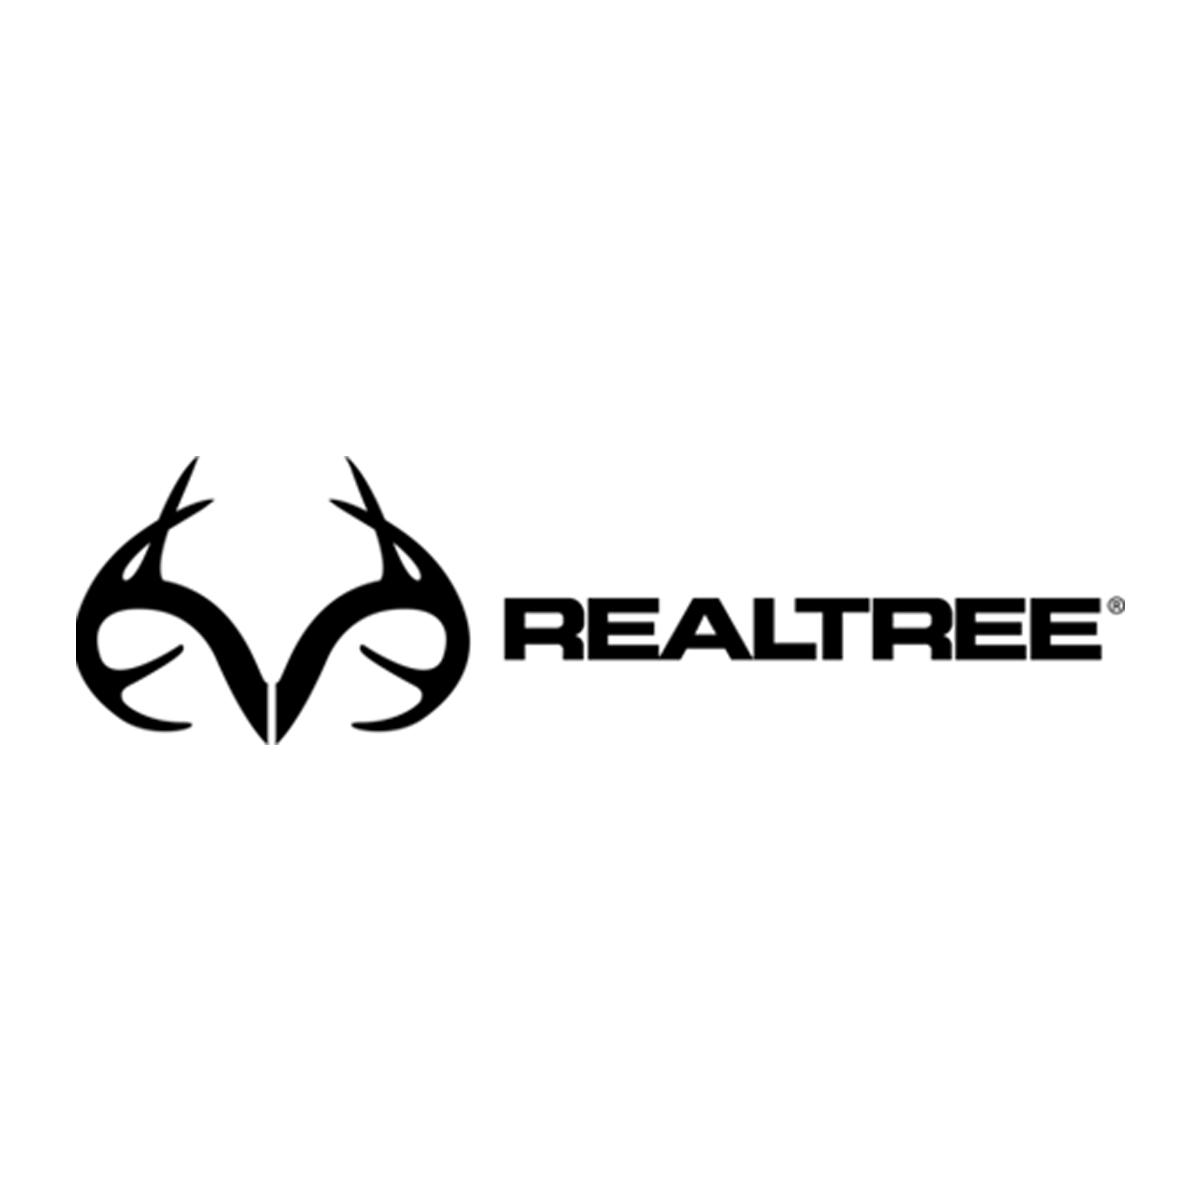 branded real tree gear dc ny md va